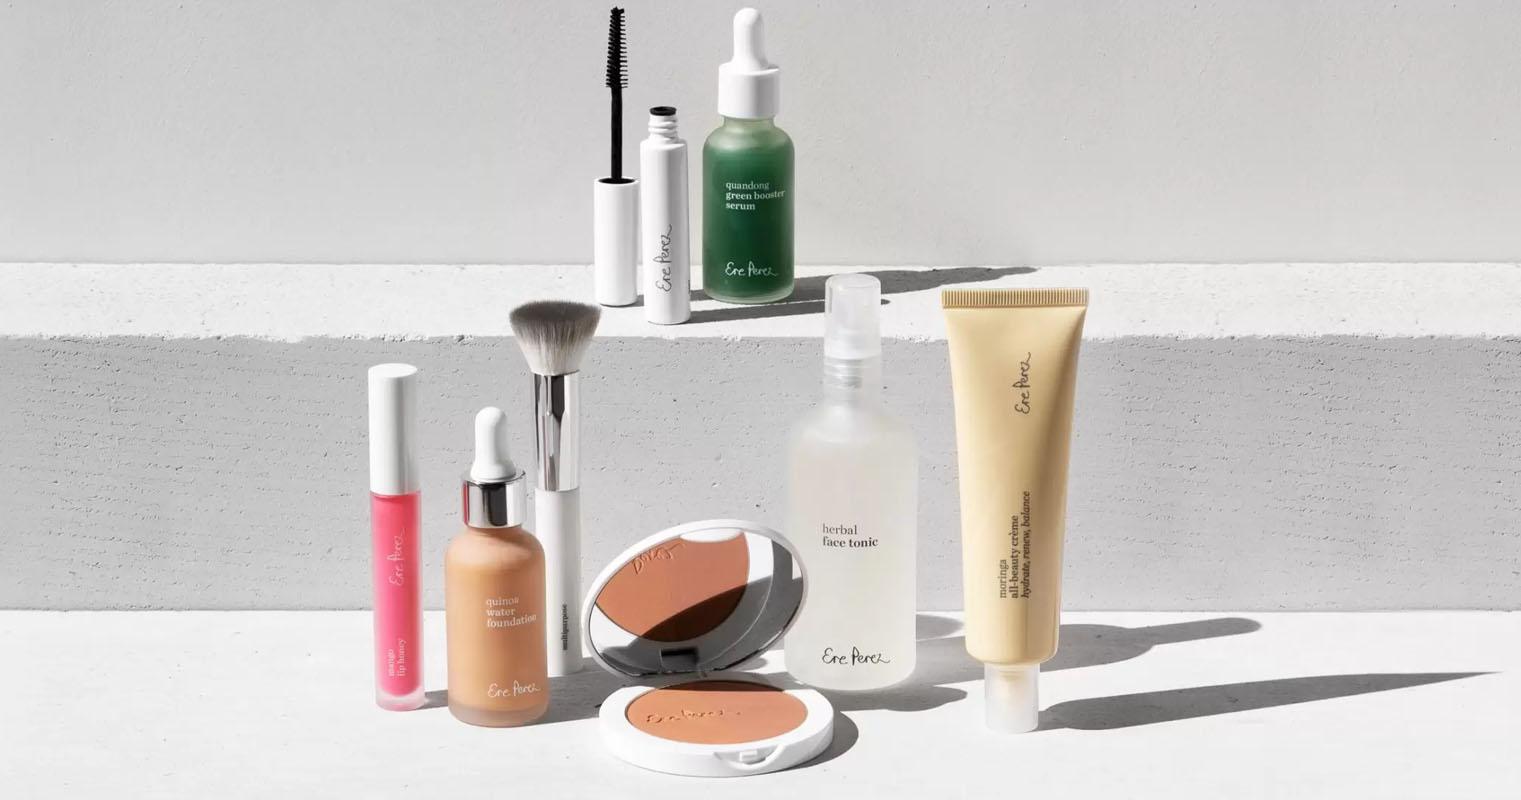 ERE PEREZ • Shop Online • Natural Skincare & Makeup • 23 St Beauty